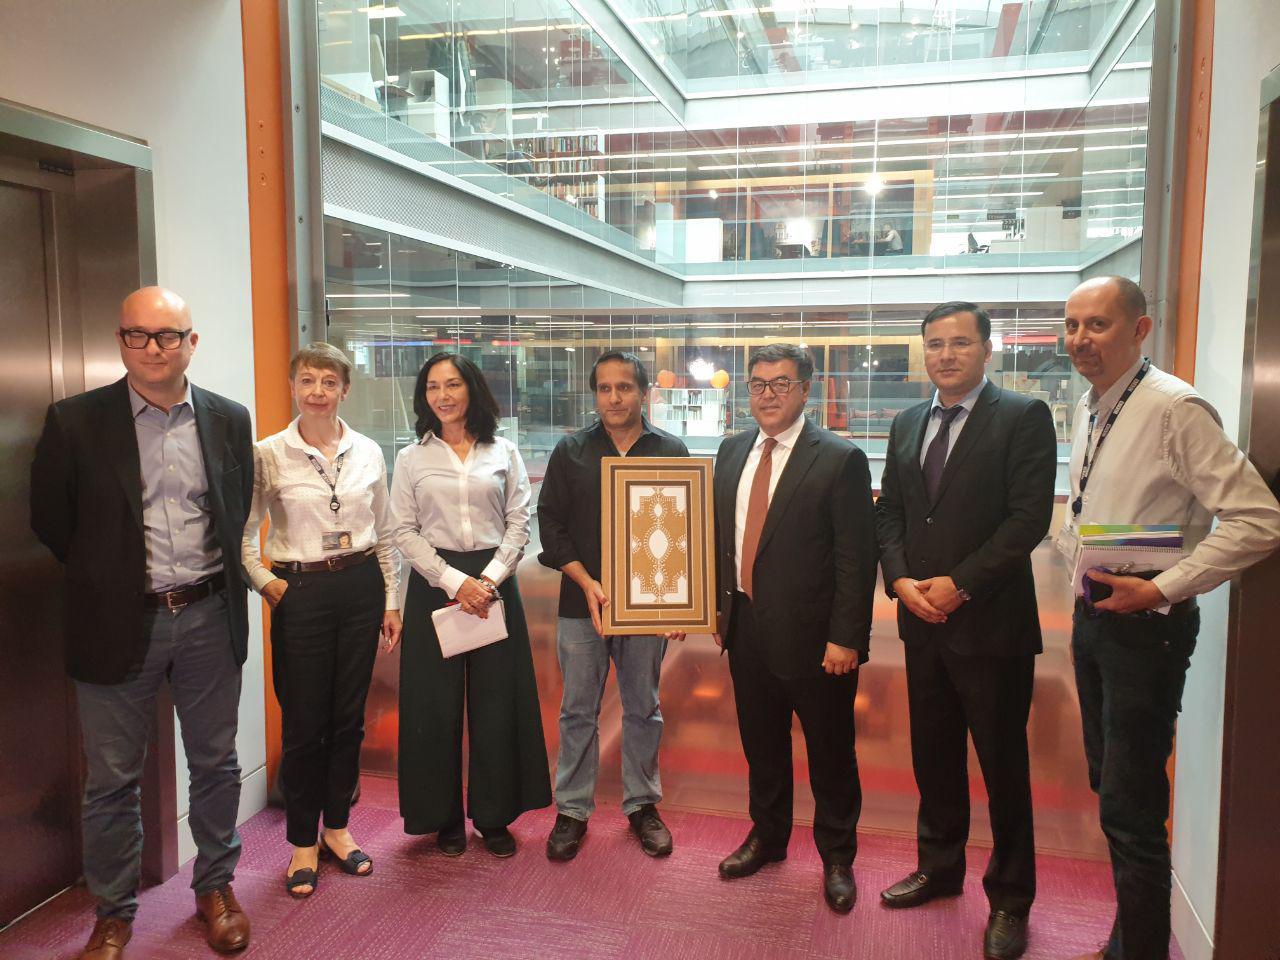 «Узбеккино» и BBC приступают к реализации масштабного проекта по созданию документальных фильмов об Узбекистане